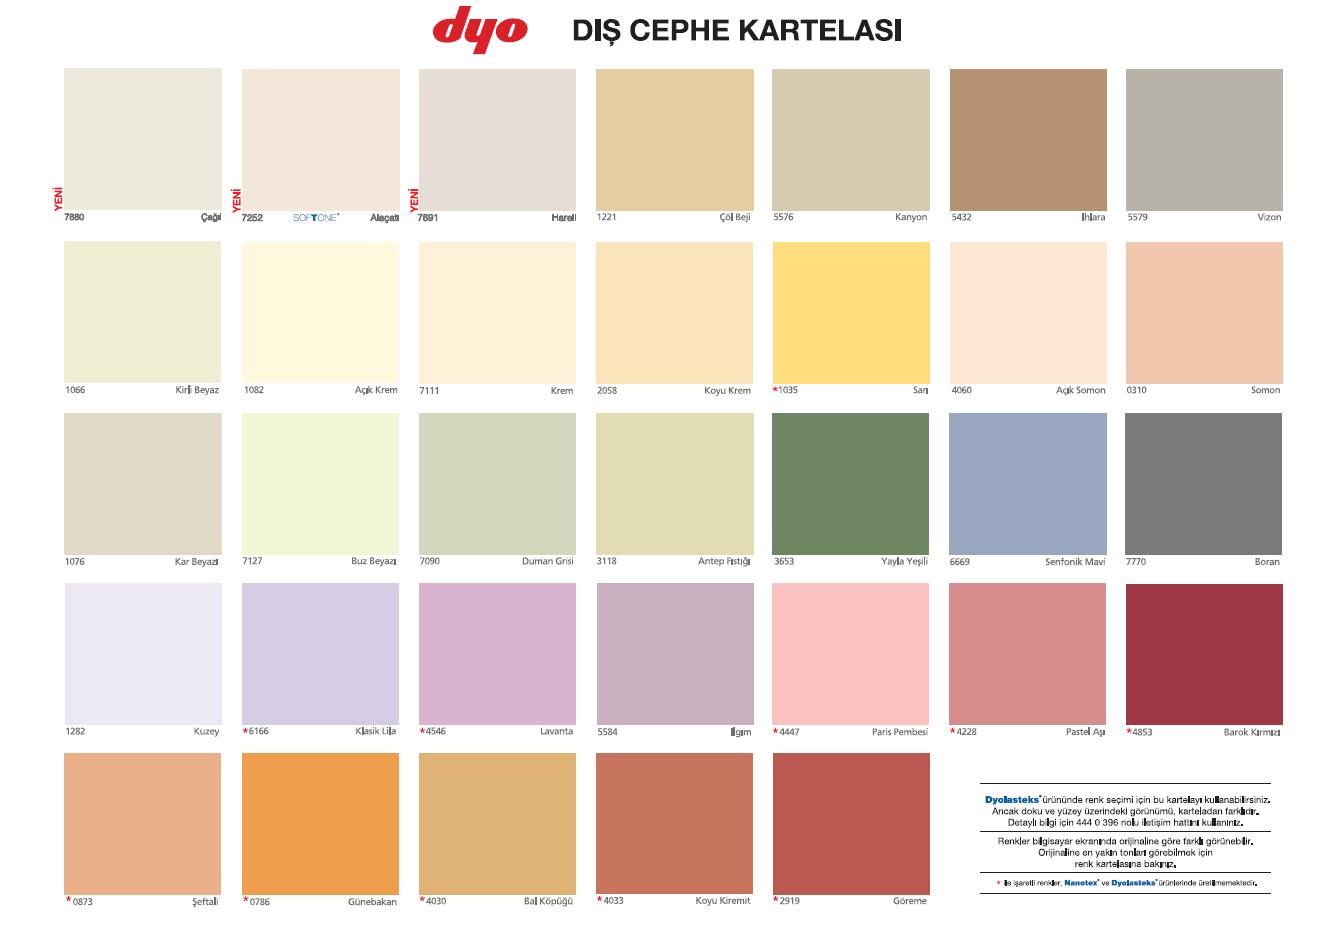 en-sik-dyo-dis-cephe-gorselleri-png.55363